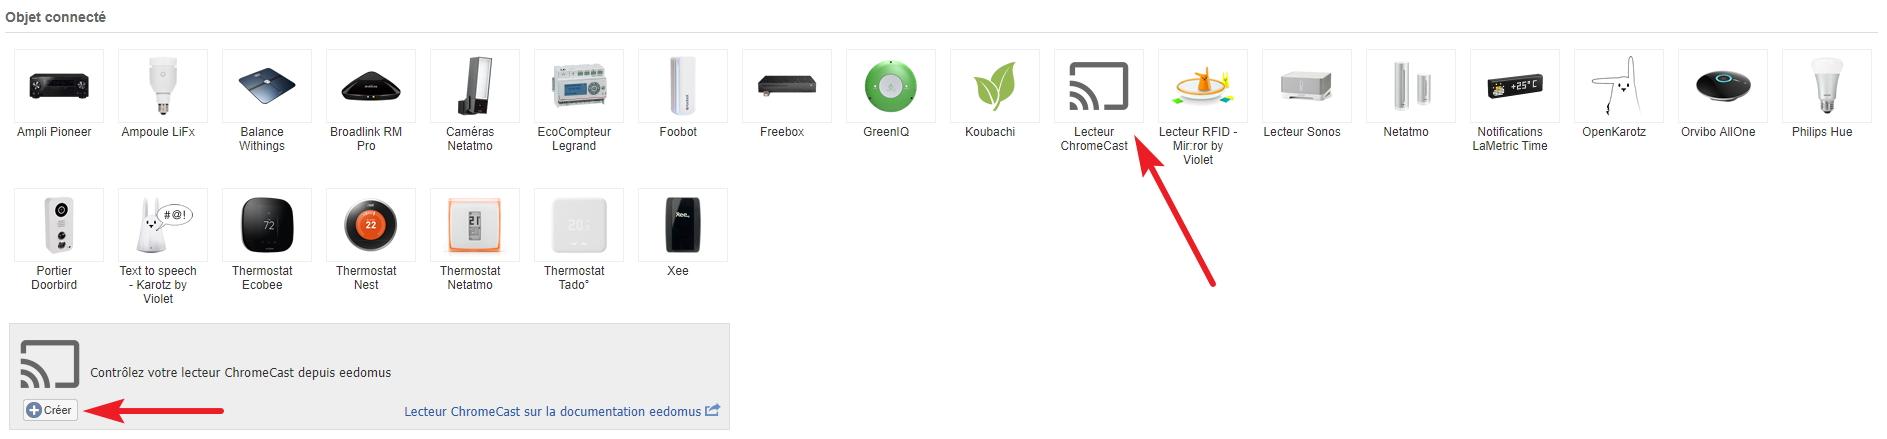 Ou Home Google Utilisation Eedomus Chromecast Domotique Du Sous Yb76vfgy